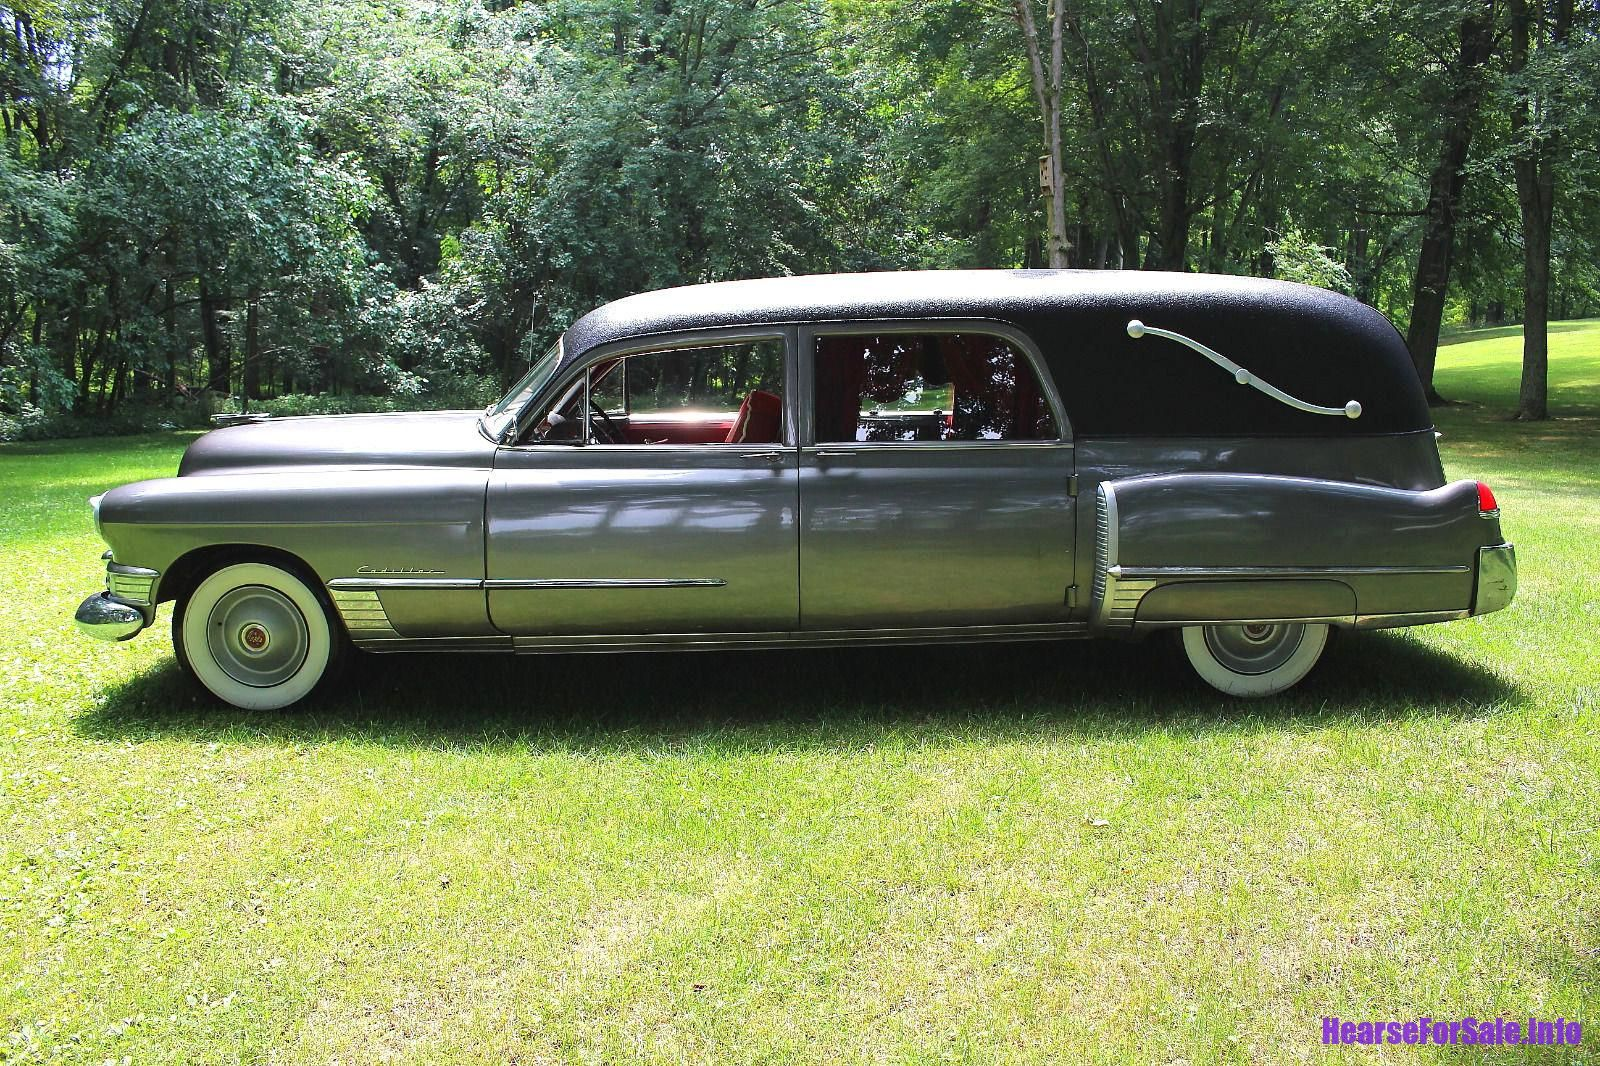 1959 cadillac miller meteor eureka landau endloader hearse cadillac pinterest 1959 cadillac cadillac and cars